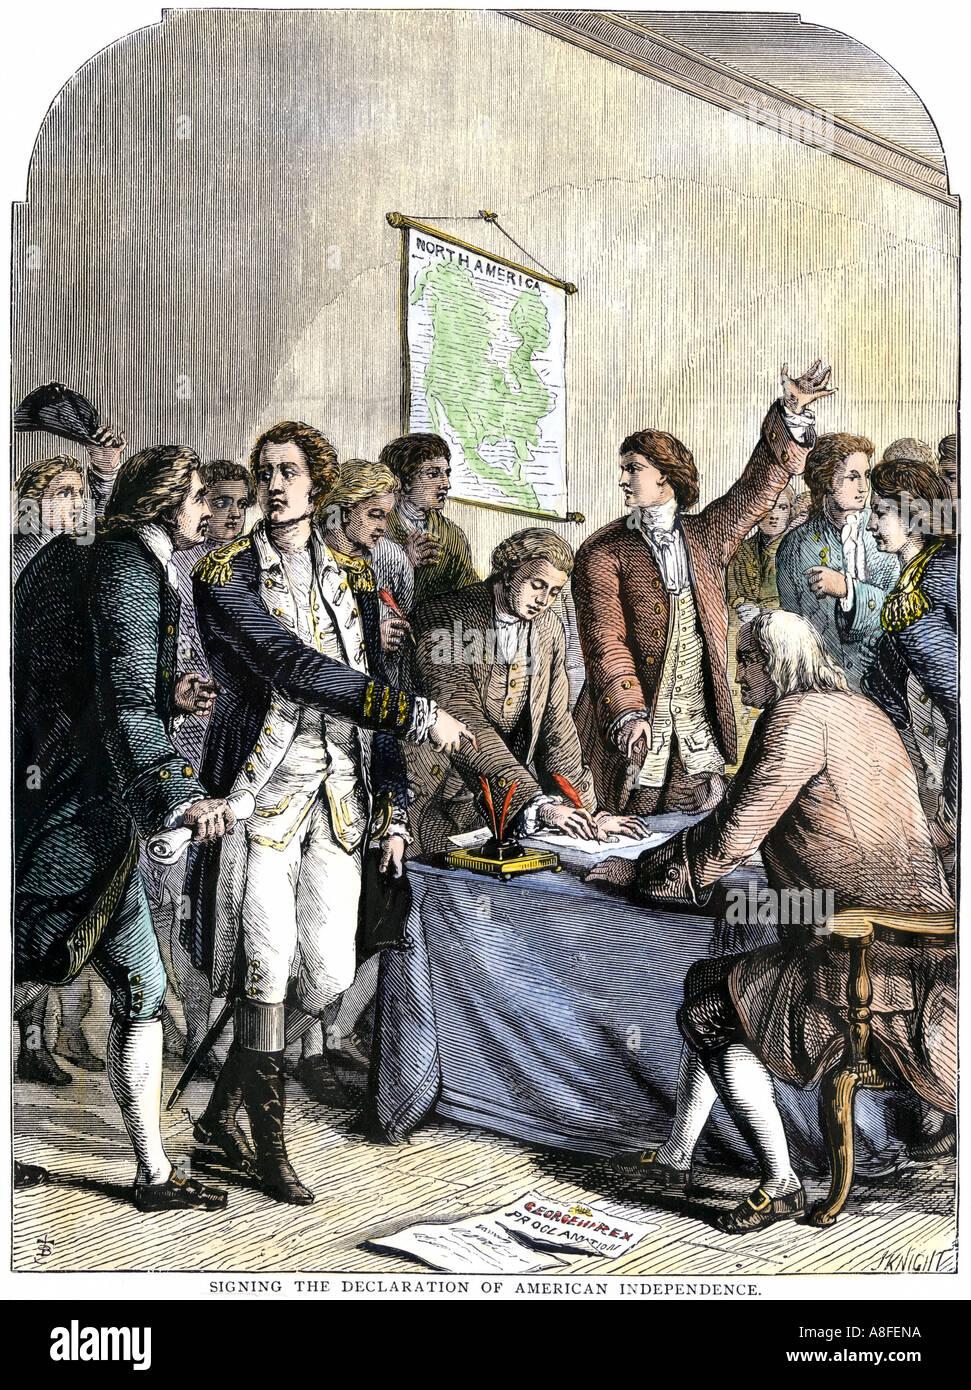 Les délégués ont signé la Déclaration de l'indépendance américaine le 4 juillet 1776. À la main, gravure sur bois Photo Stock